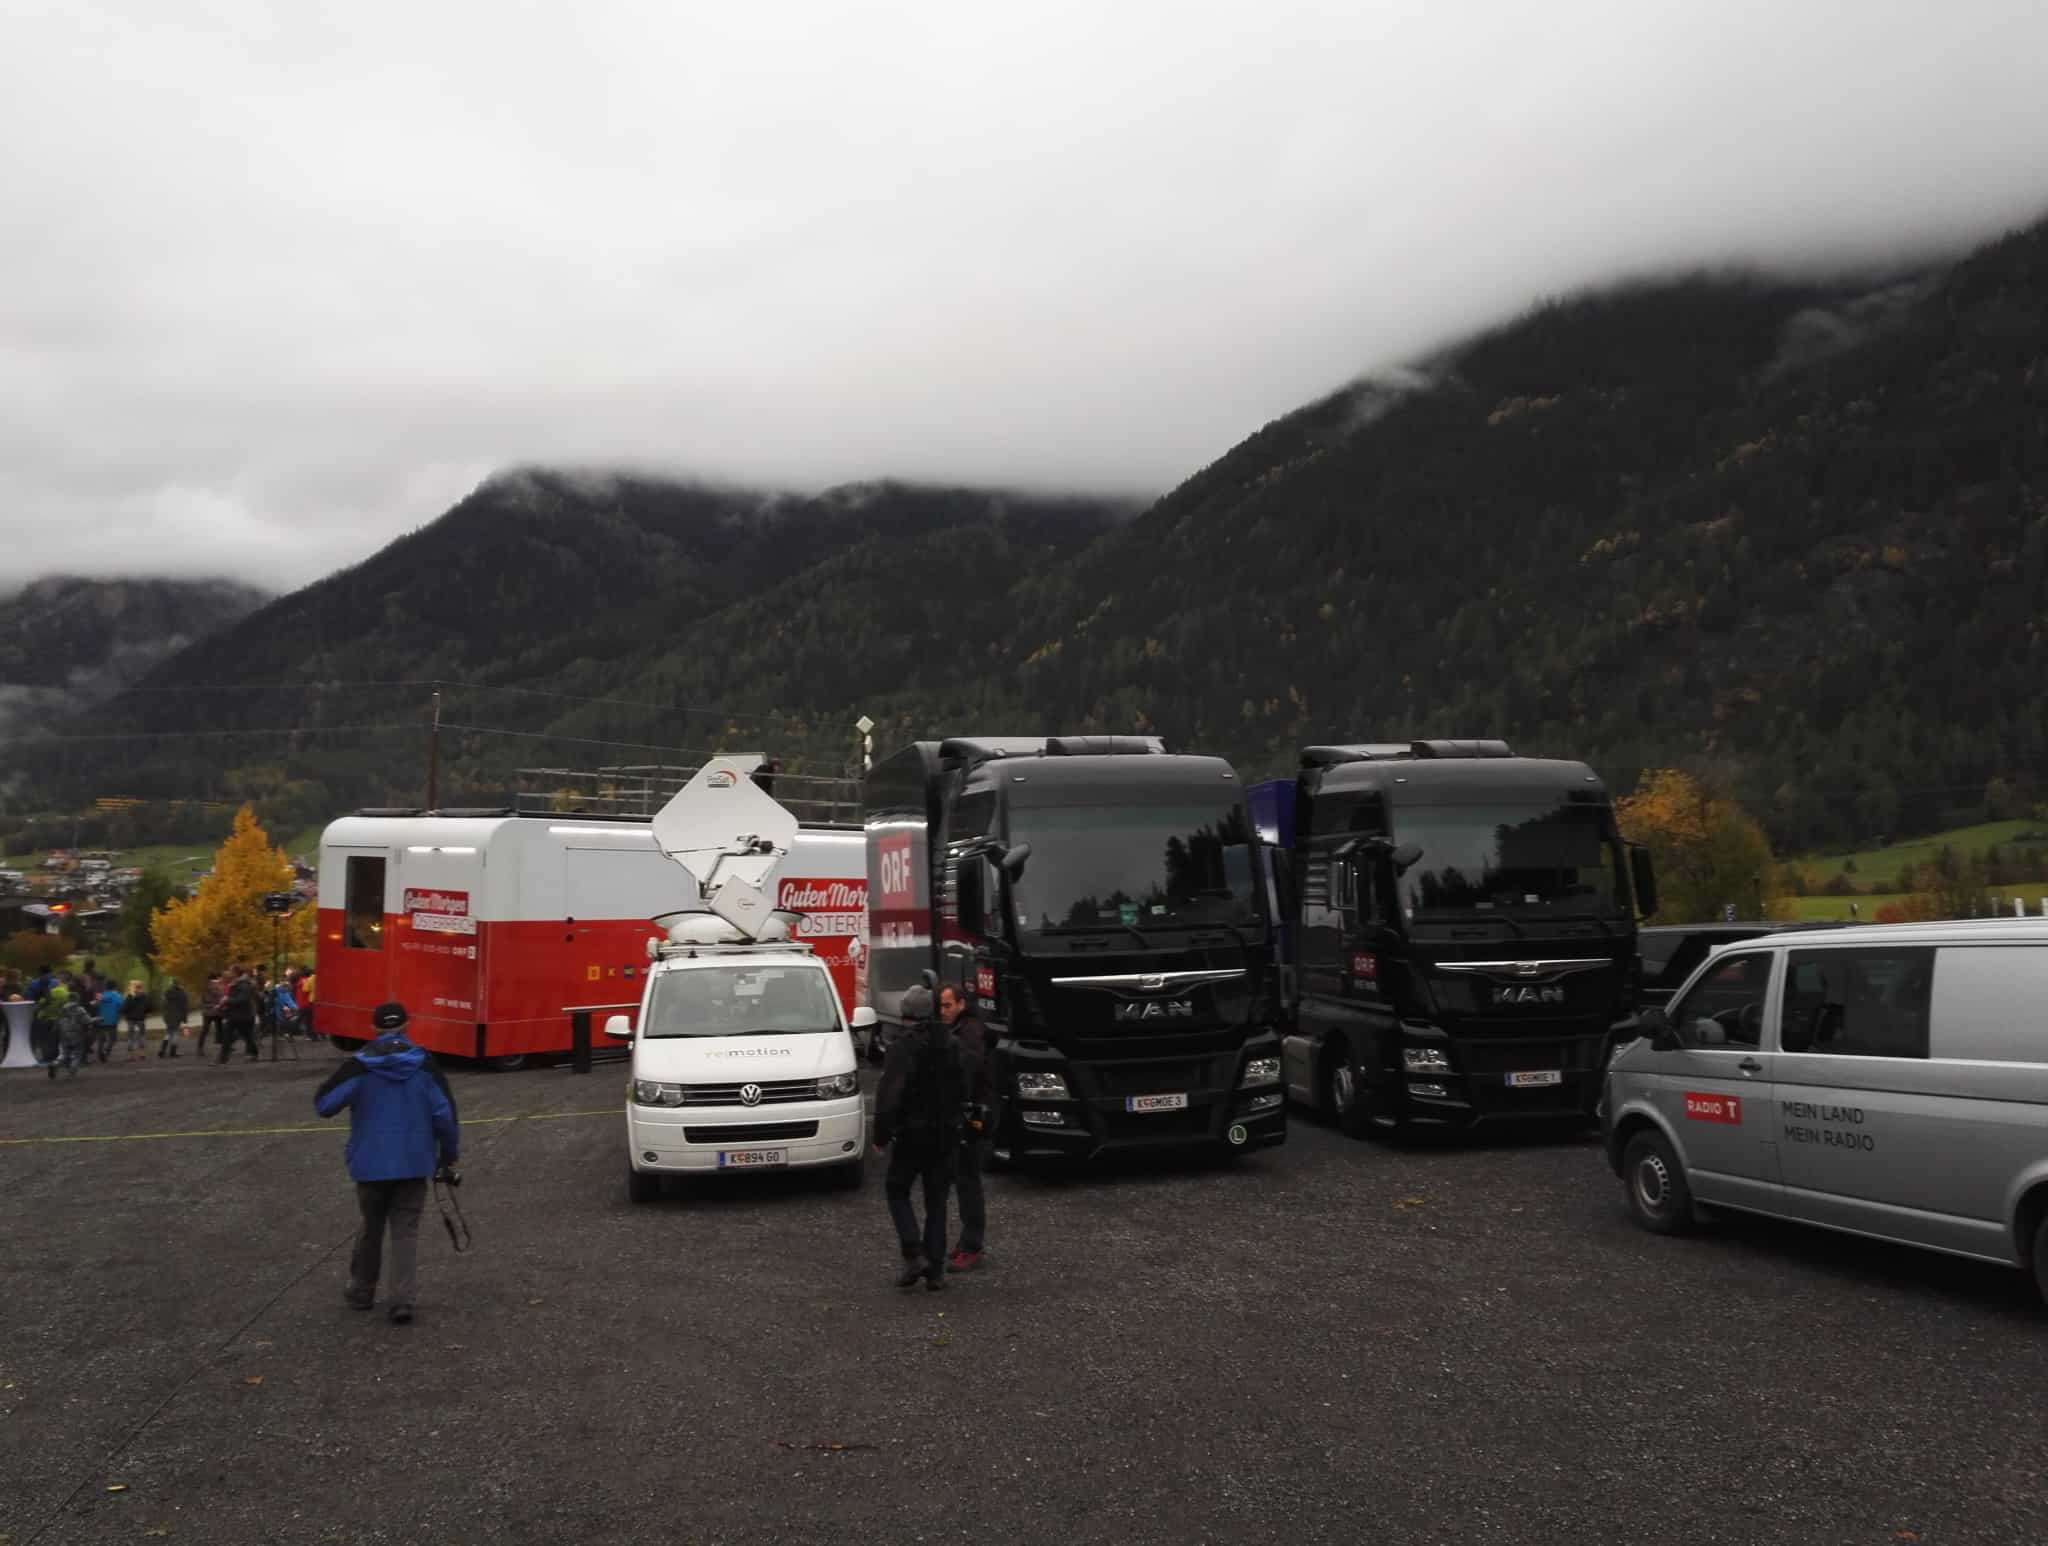 ORF Guten Morgen Österreich Tirol Sölden Woche C Andreas Felder 32 - ORF Guten Morgen Österreich - Tirol Woche